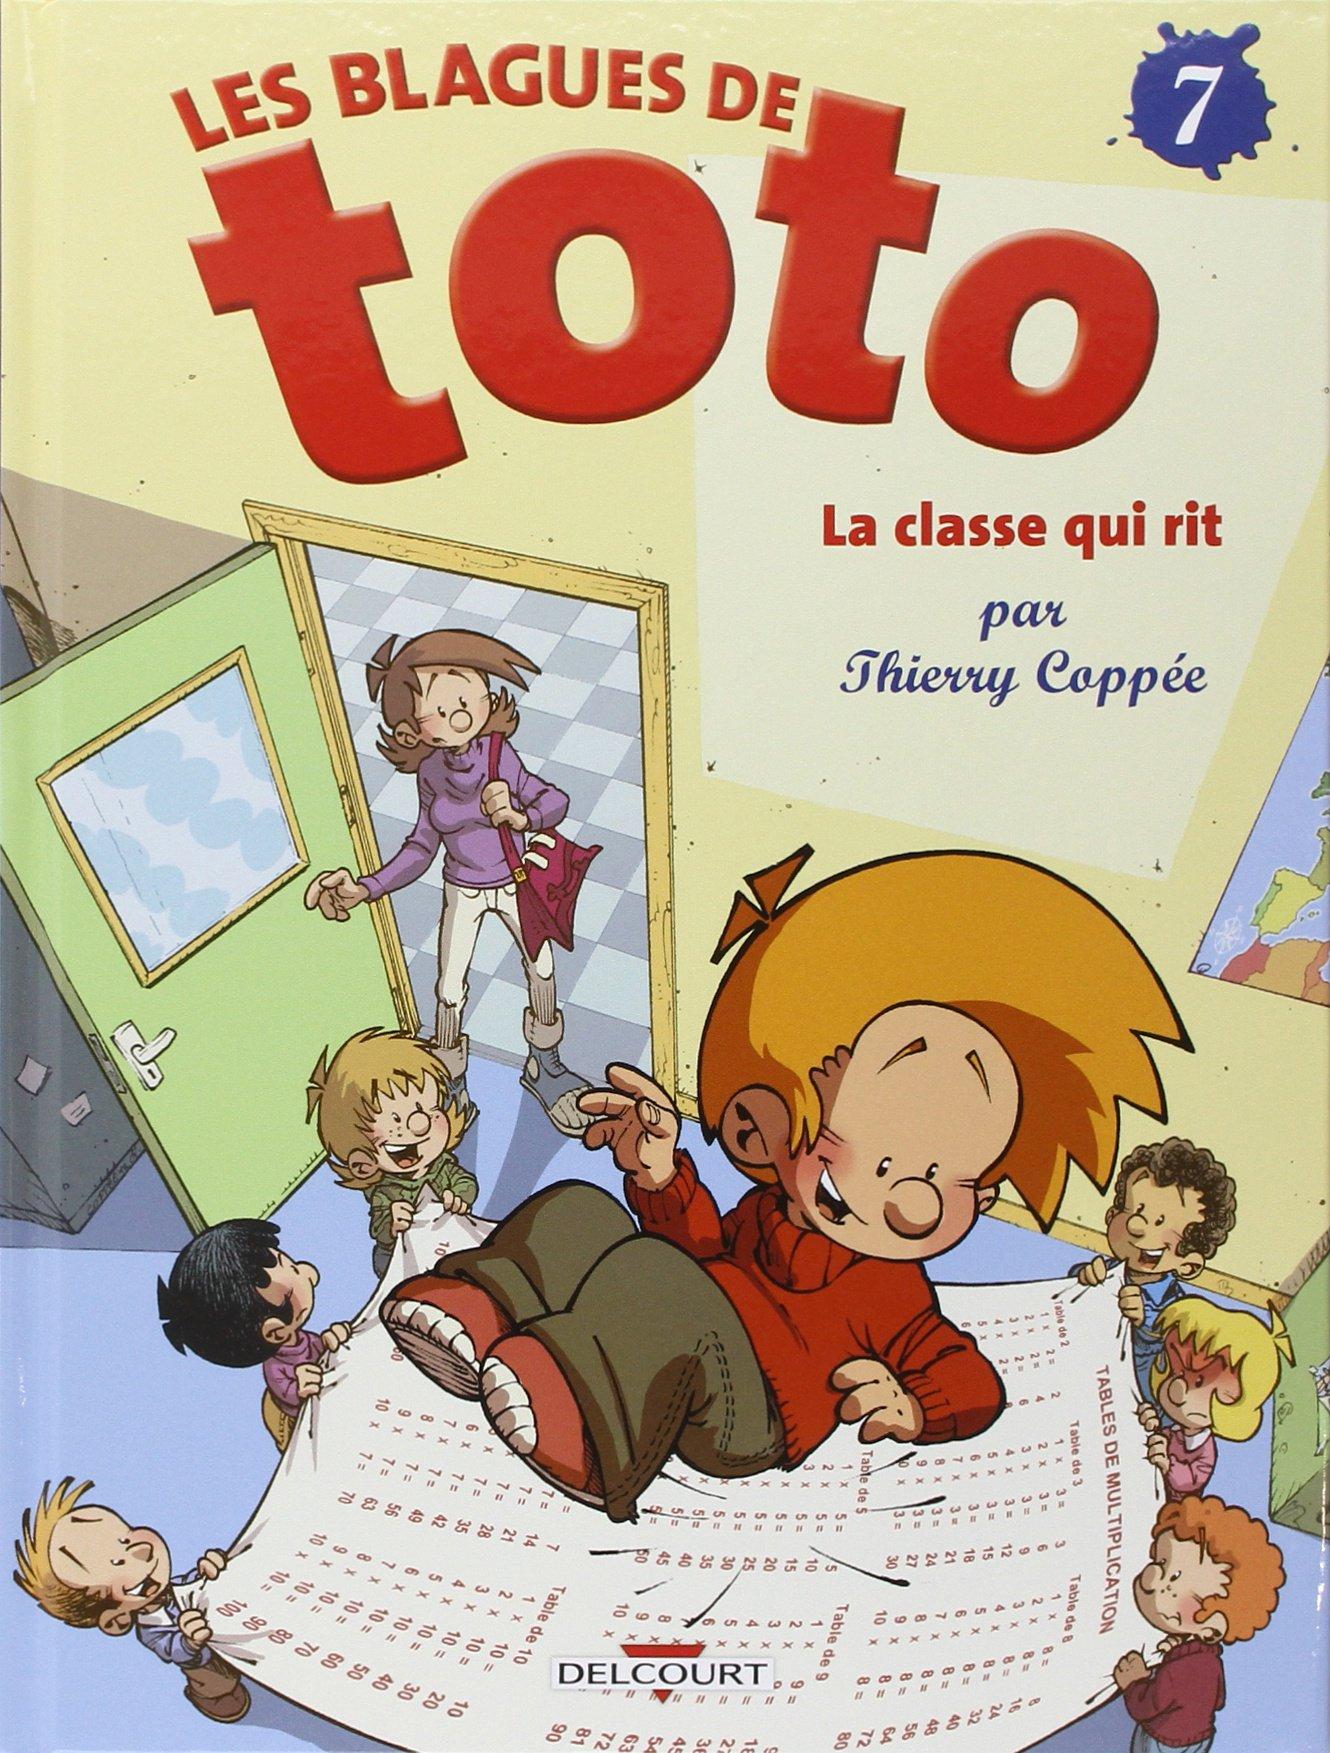 Blagues de Toto, Tome 7 : La classe qui rit (Album) Album – 3 décembre 2008 Thierry Coppée Delcourt 2756011754 BD jeunesse